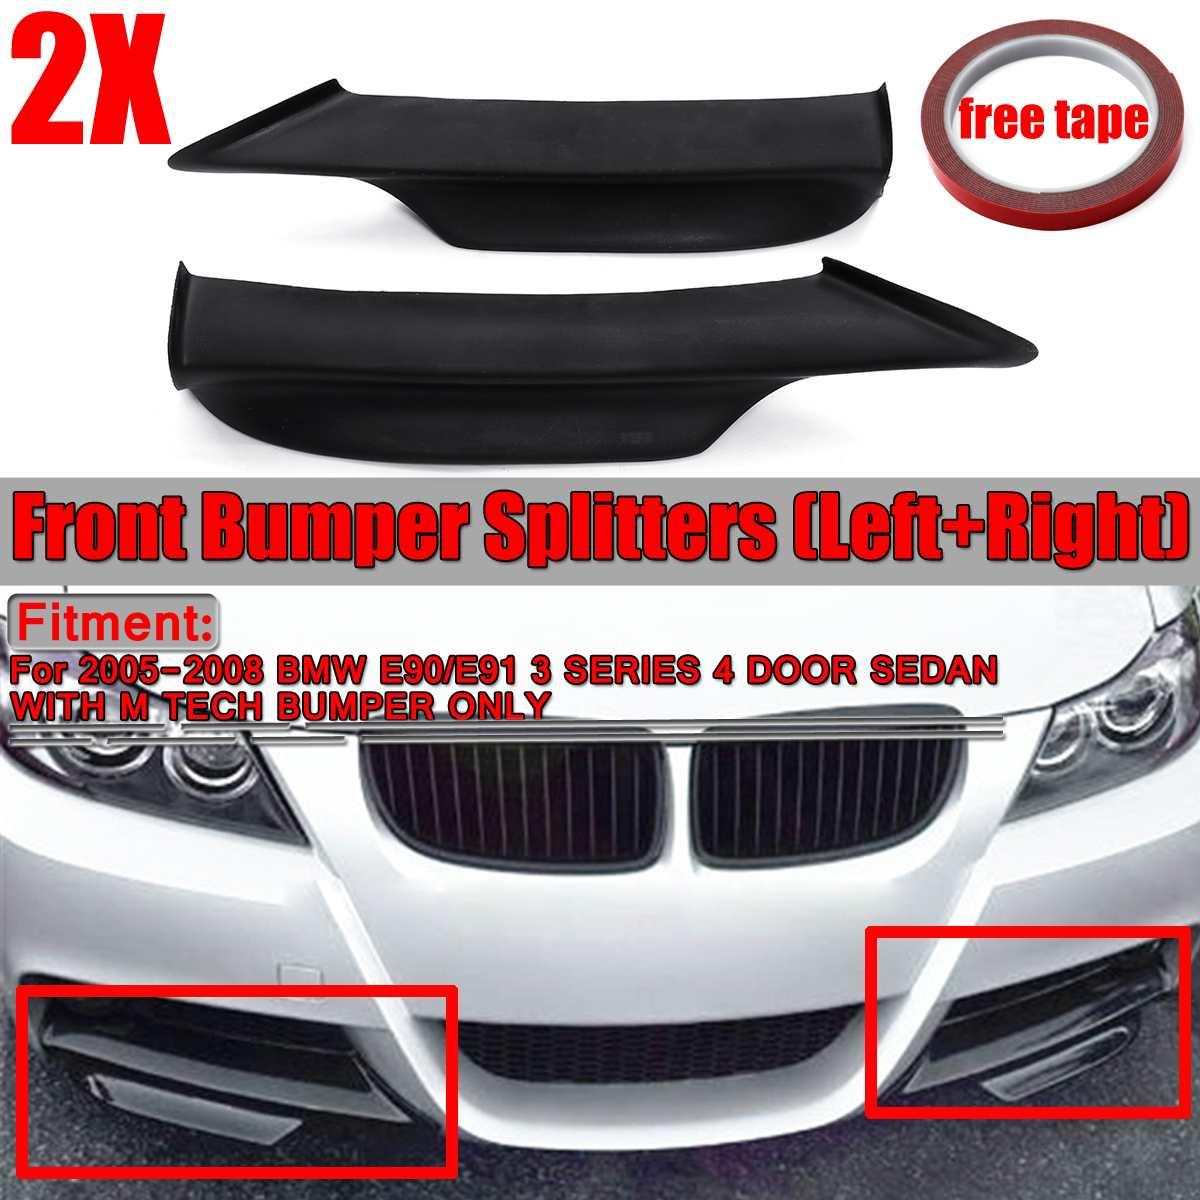 2x separador de labios de parachoques delantero negro para BMW E90 E91 3 Series 4Dr Sedan m-tech 2005 2006 2007 2008 parachoques Spoiler difusor labio